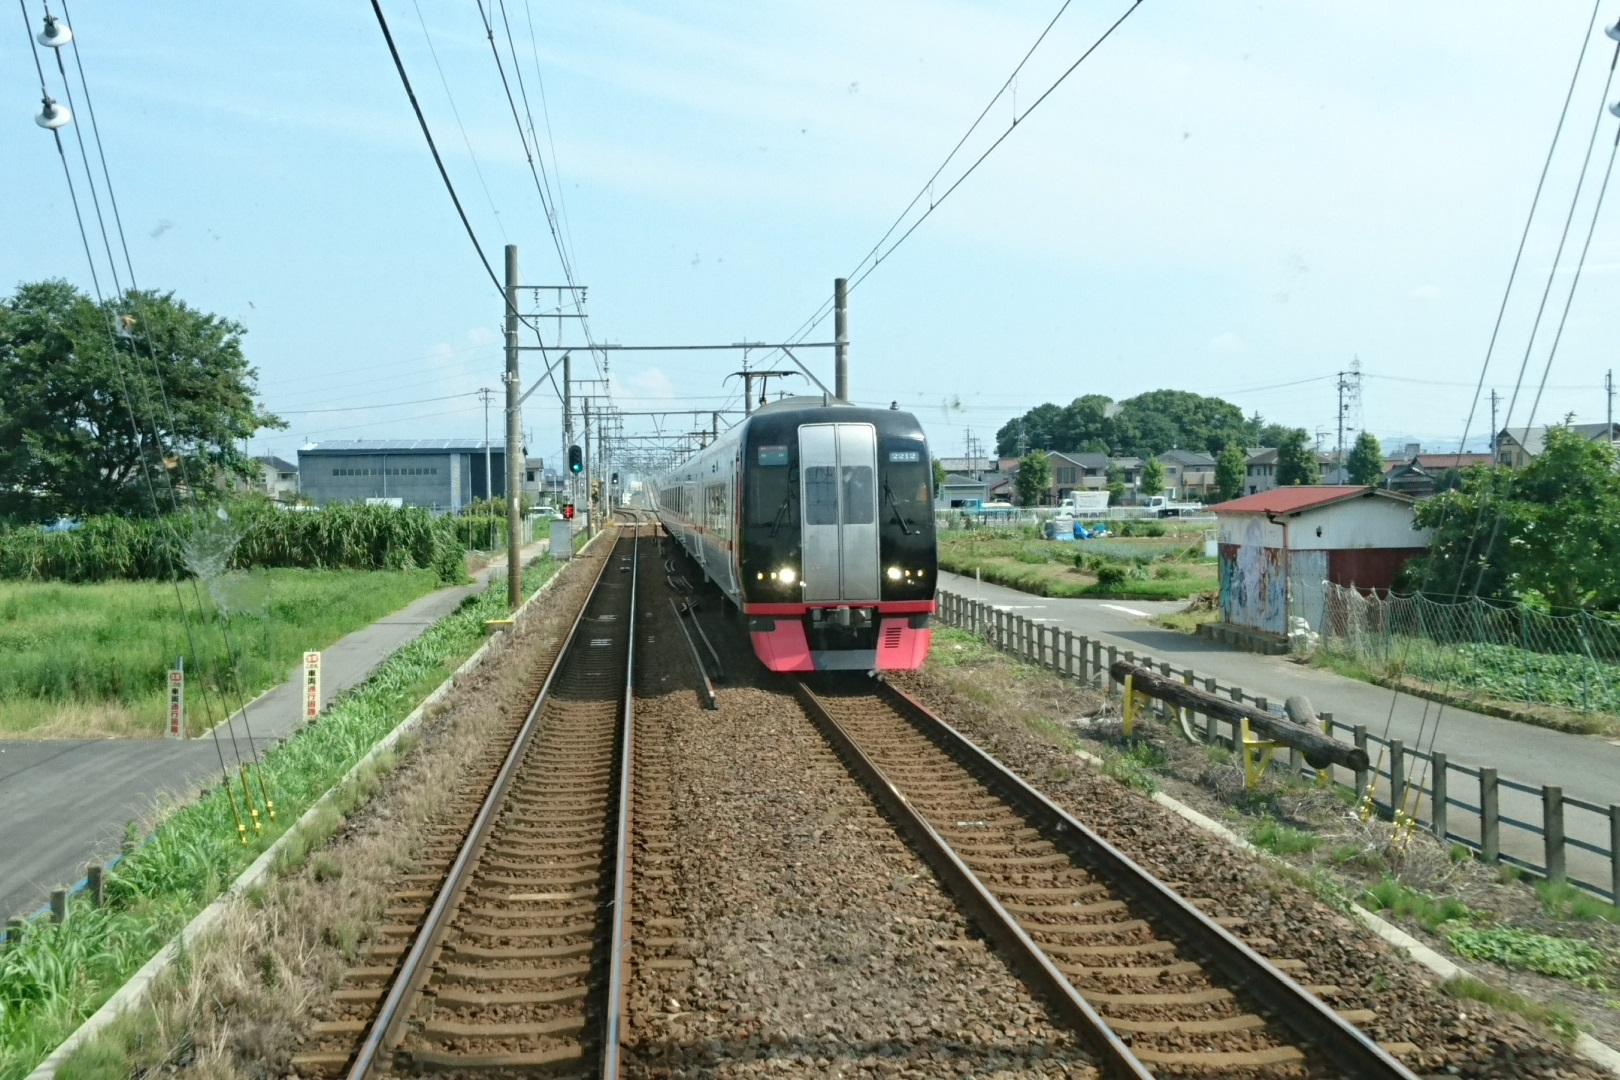 2017.7.19 布袋 (33) 犬山いき準急 - 石仏-布袋間 1620-1080